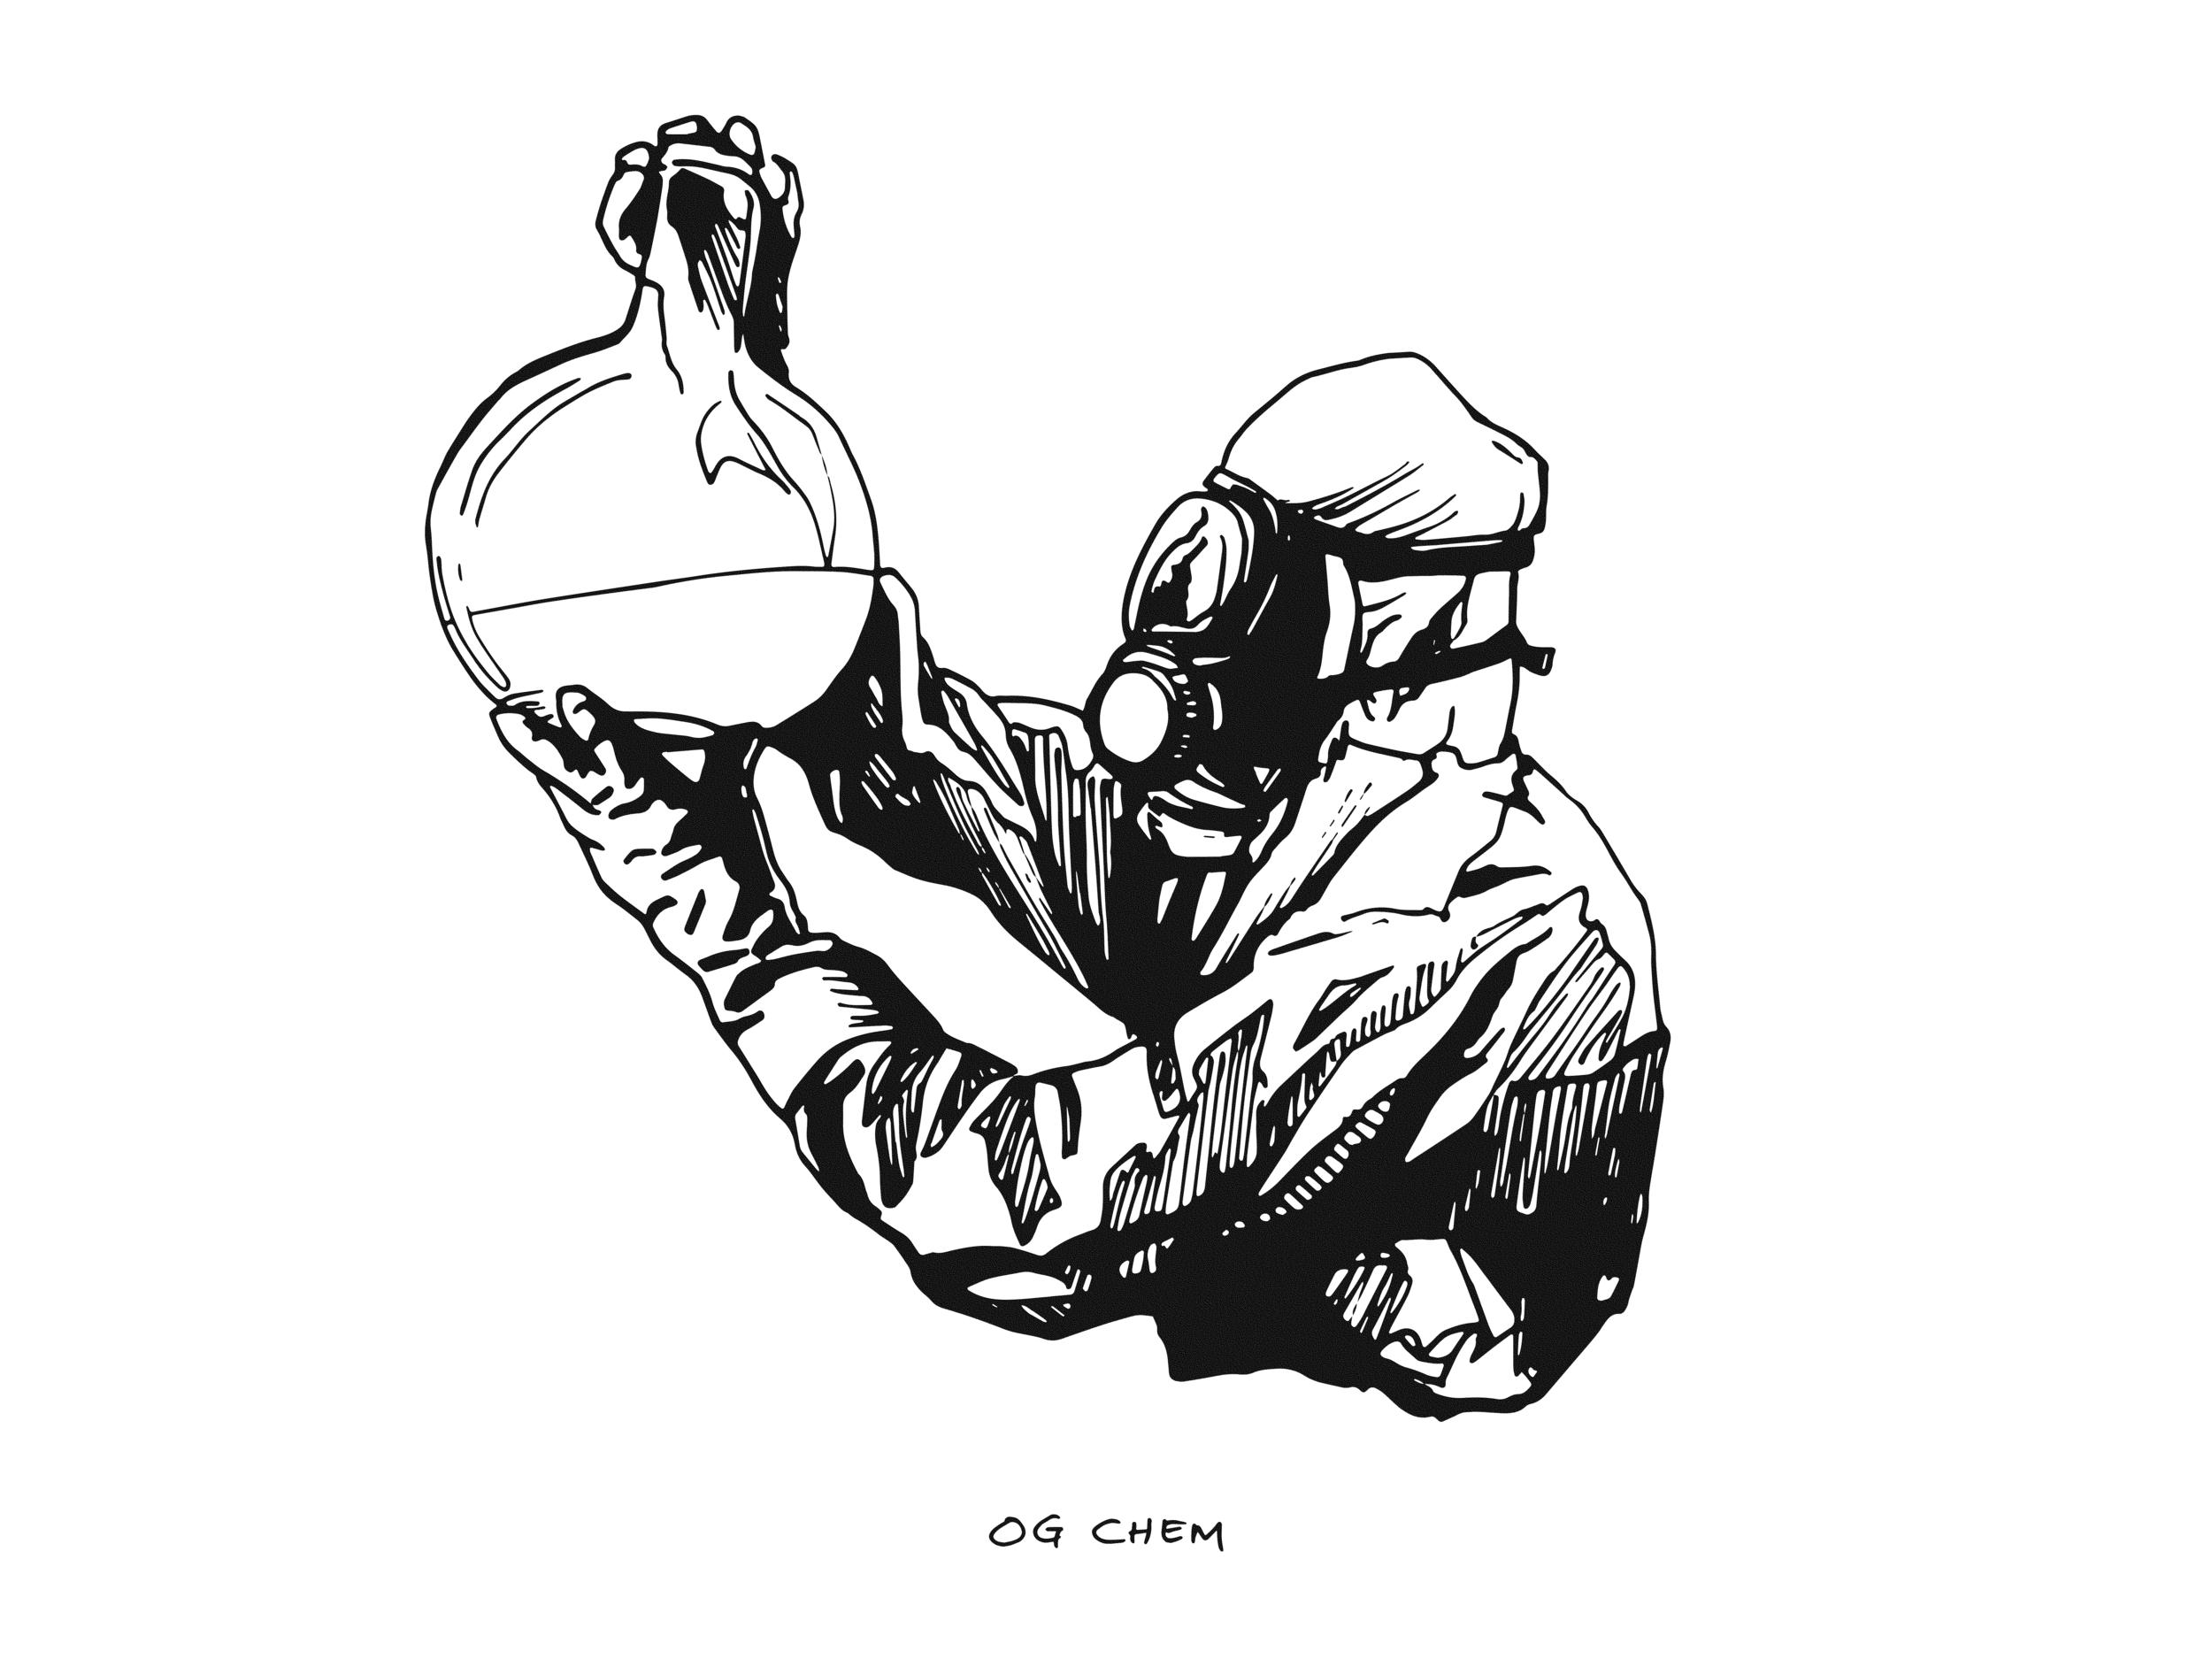 OG Chem